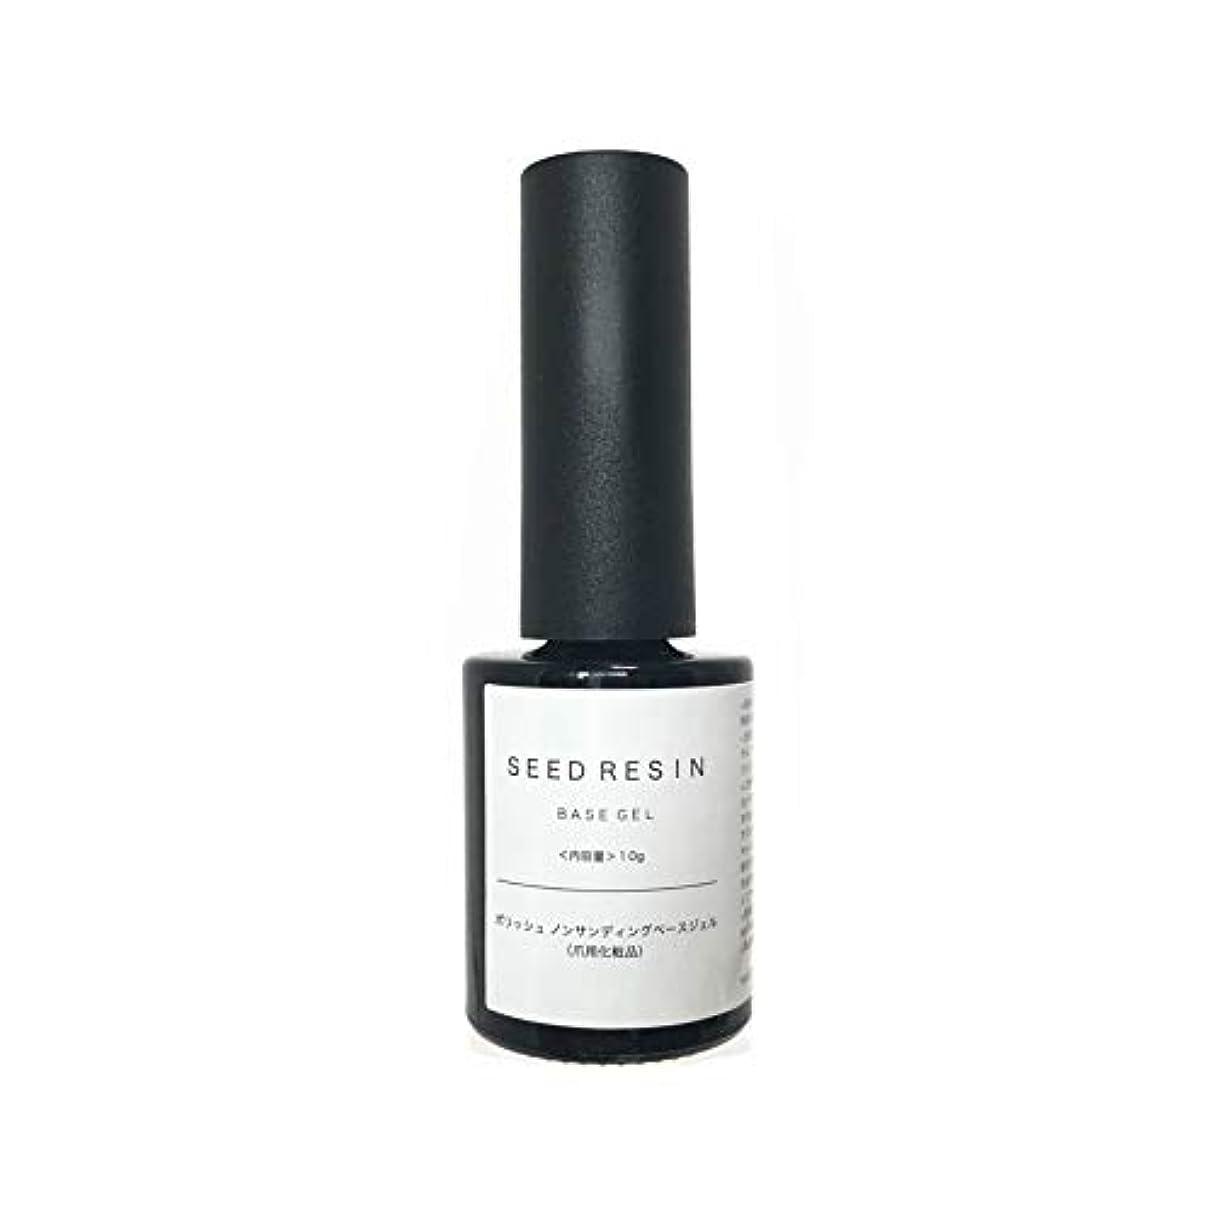 パック幅望まないSEED RESIN(シードレジン) ジェルネイル ポリッシュ ノンサンディング ベースジェル 10g 爪用化粧品